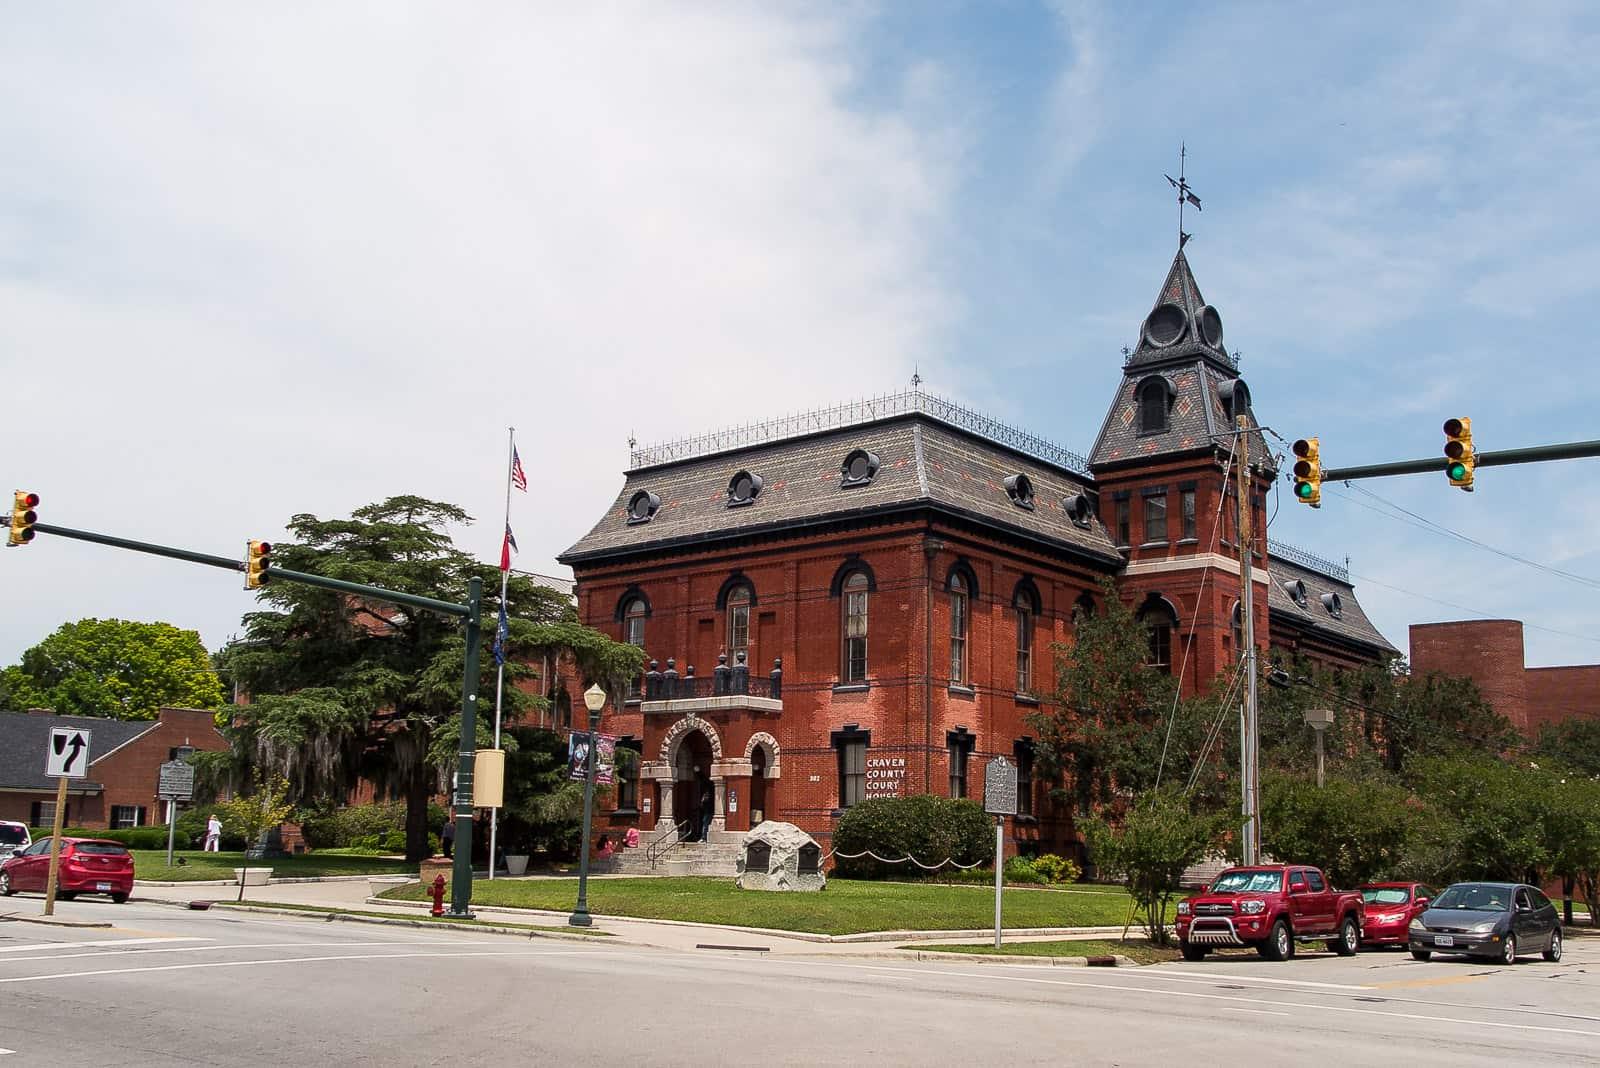 Das Gerichtsgebäude von Craven County in New Bern